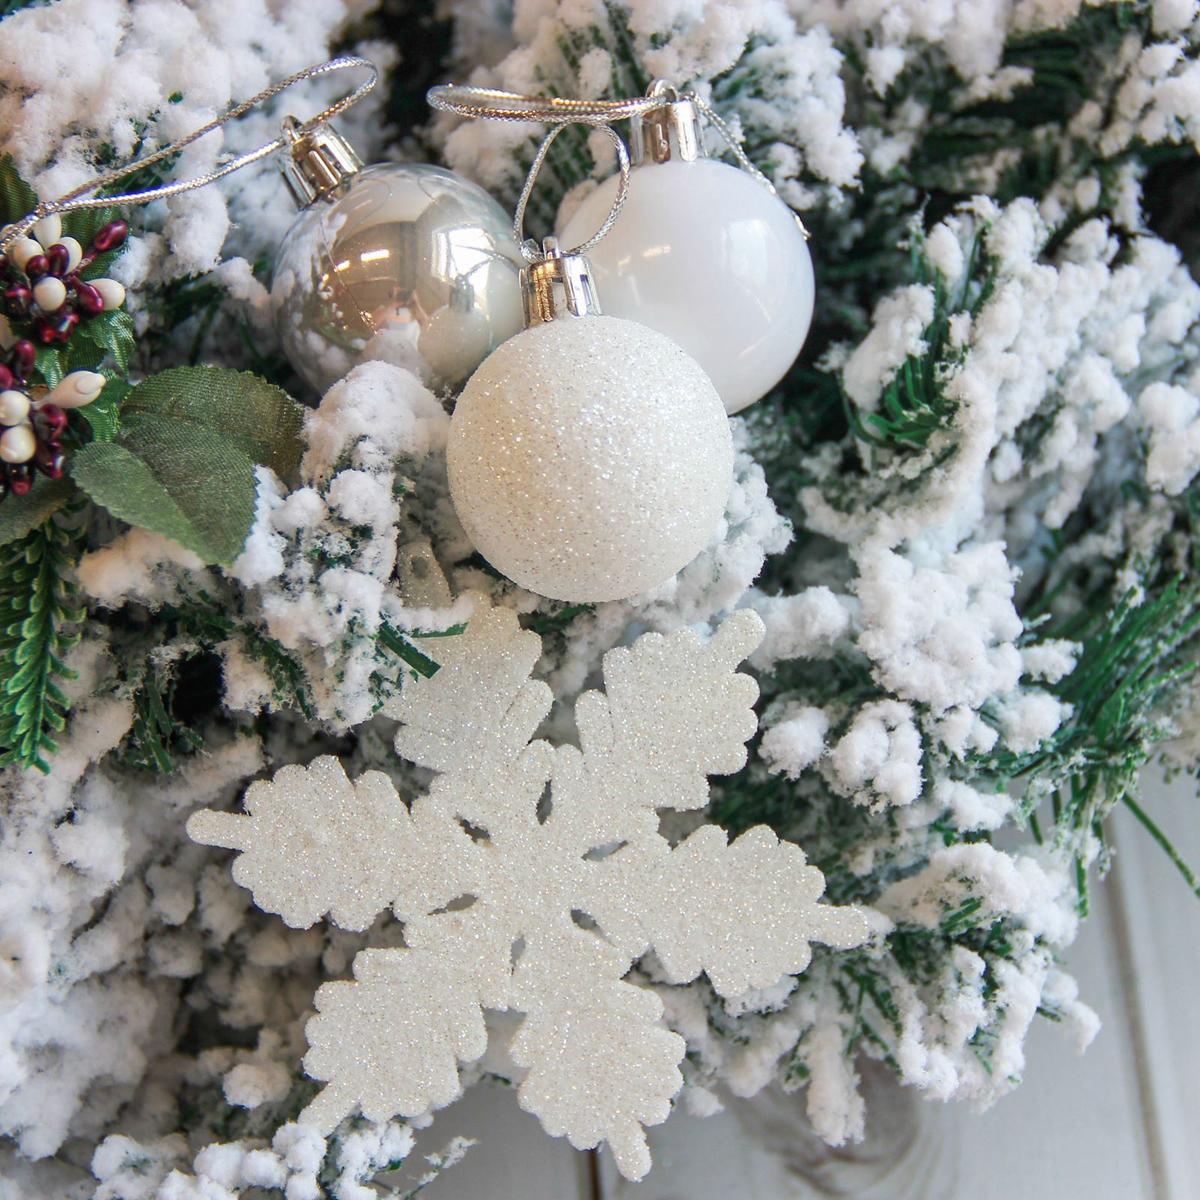 Набор новогодних подвесных украшений Sima-land Снежинка, 24 шт. 21228972122897Невозможно представить нашу жизнь без праздников! Мы всегда ждём их и предвкушаем, обдумываем, как проведём памятный день, тщательно выбираем подарки и аксессуары, ведь именно они создают и поддерживают торжественный настрой.